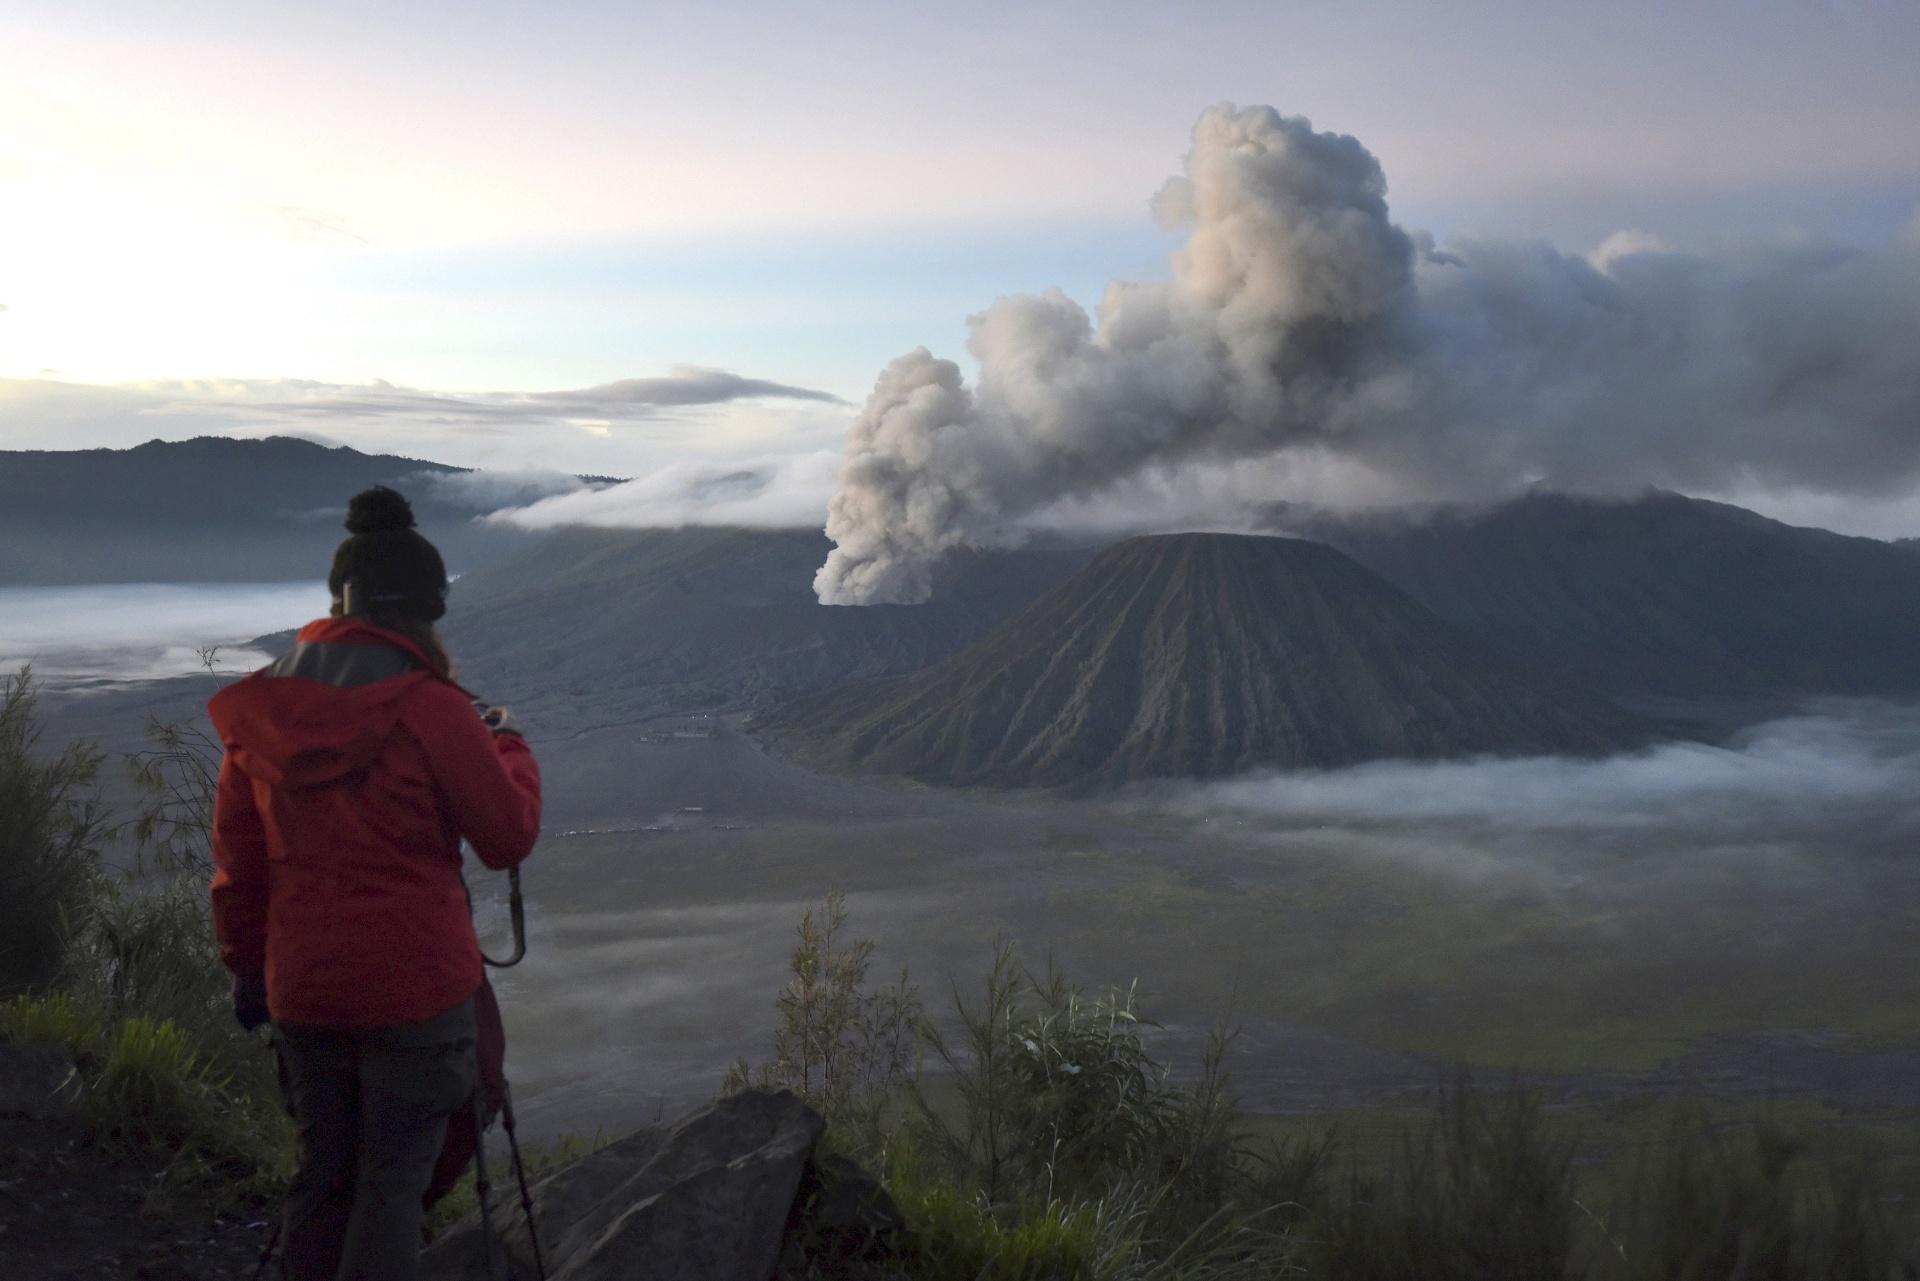 03.abr.2016 - Turista tira foto do Monte Bromo, vulcão ativo em Probolinggo, na província de Java Oriental, na Indonésia. O local é um tradicional ponto turístico